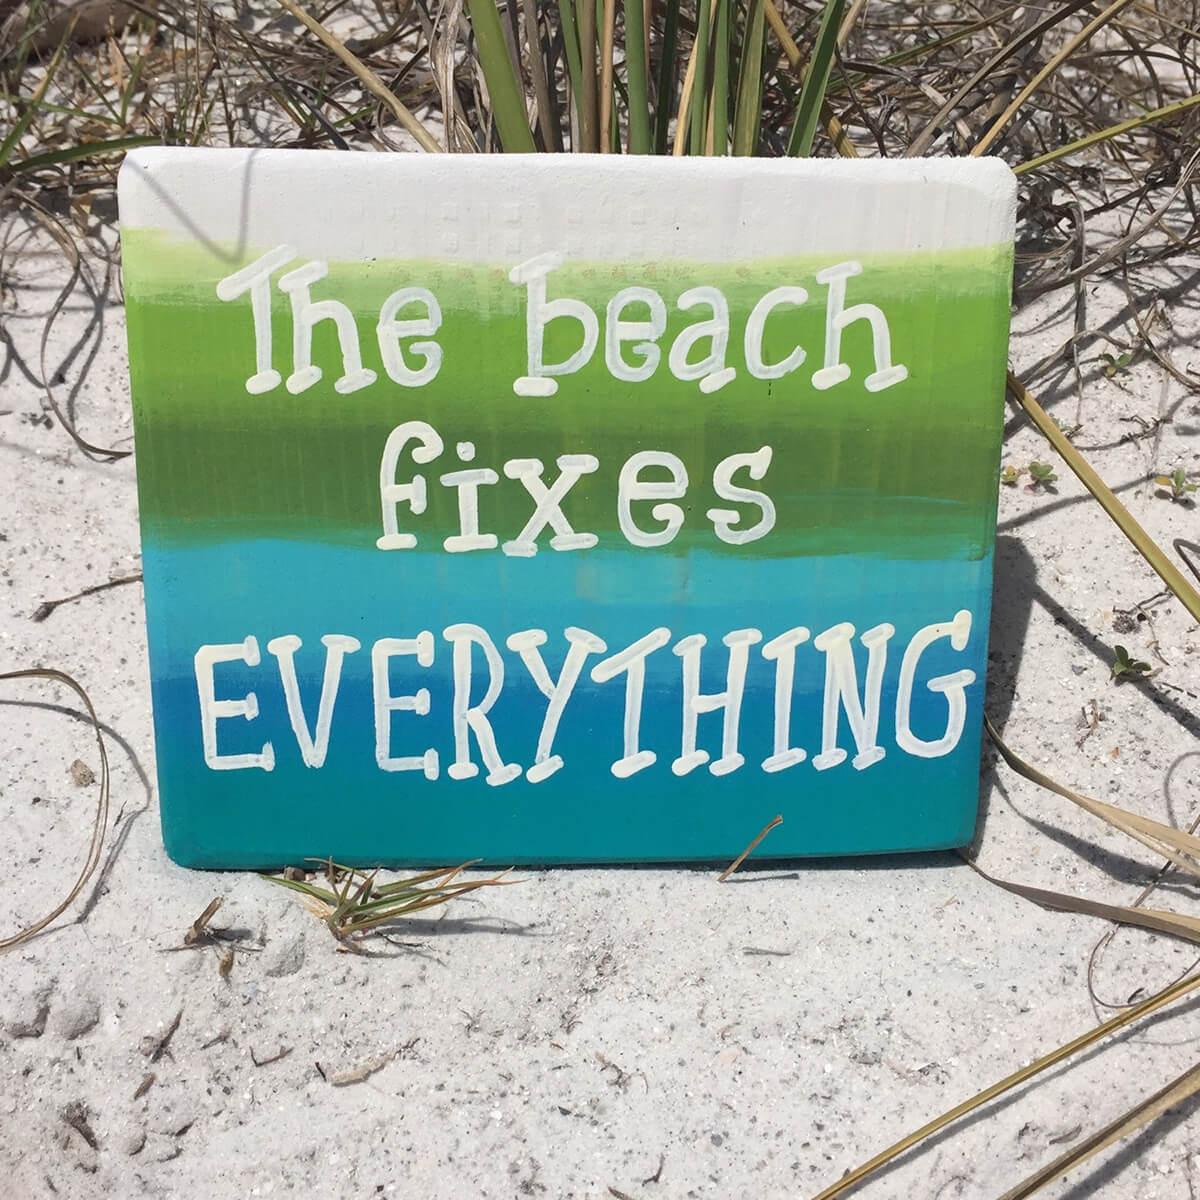 Panneau de plage vert, bleu et blanc